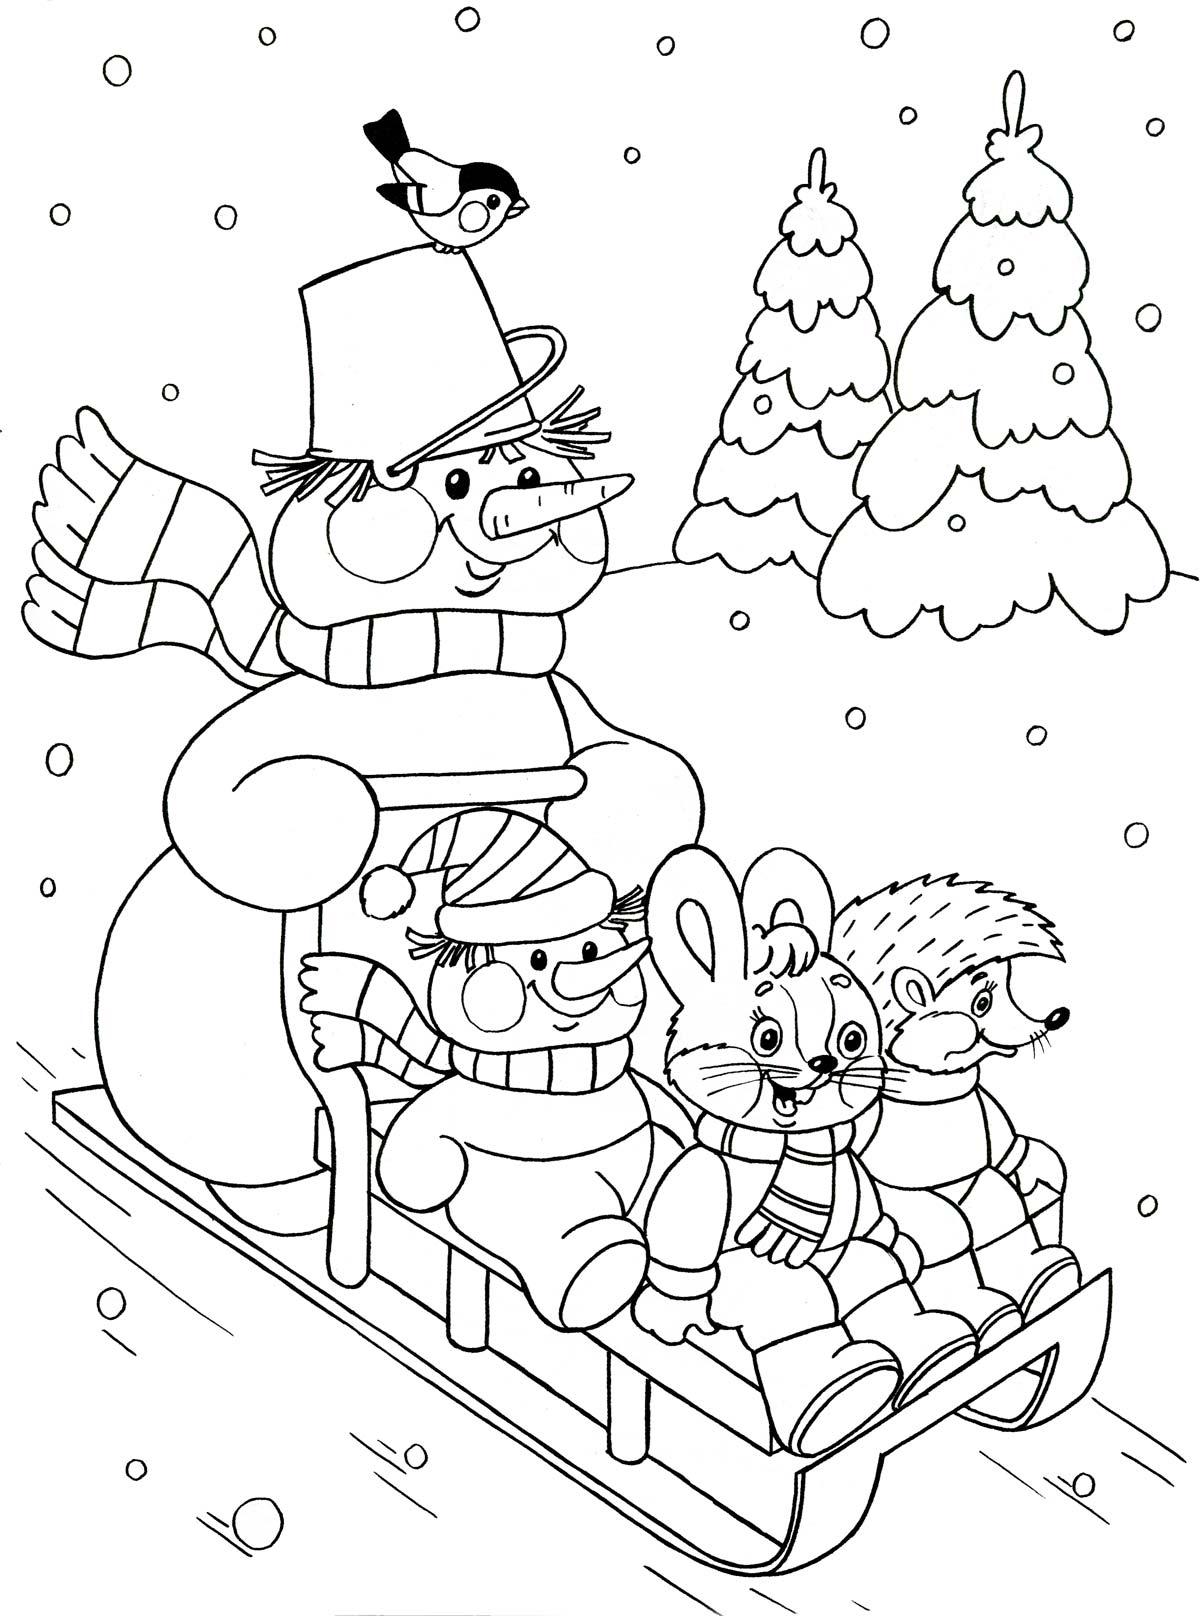 kleurplaat op de slee voor kleuters thema winter